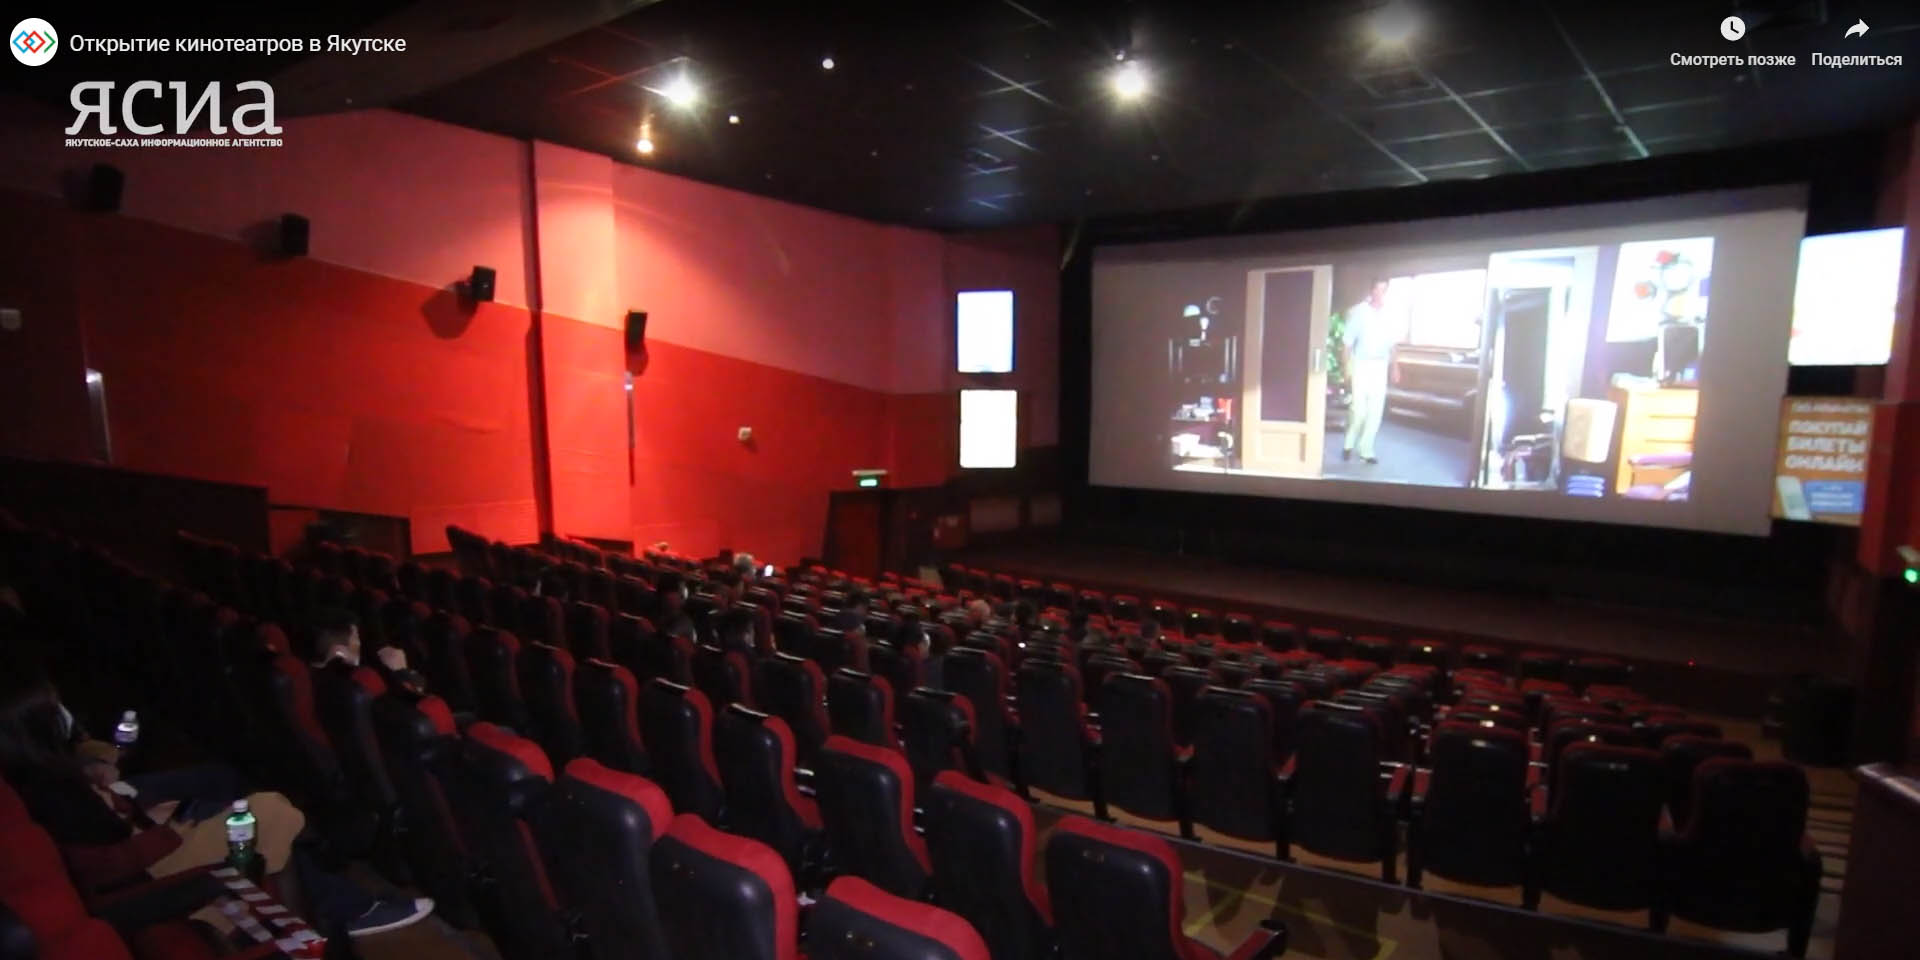 В Якутии рассмотрят вопрос о повышении заполняемости театров и кинотеатров